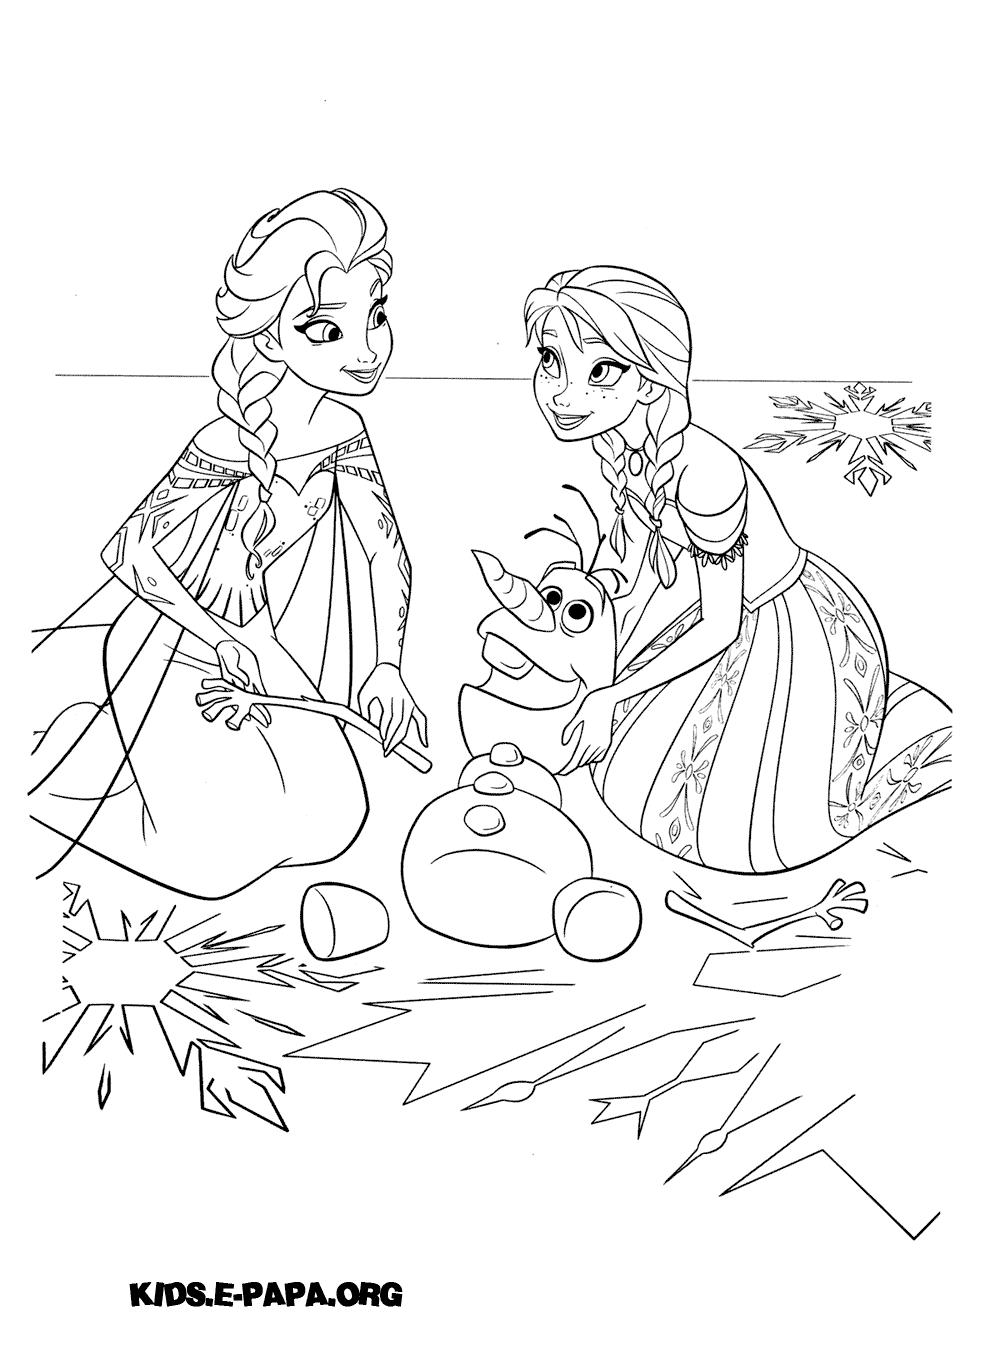 Ausmalbilder für Kinder Elsa, Olaf und Anna